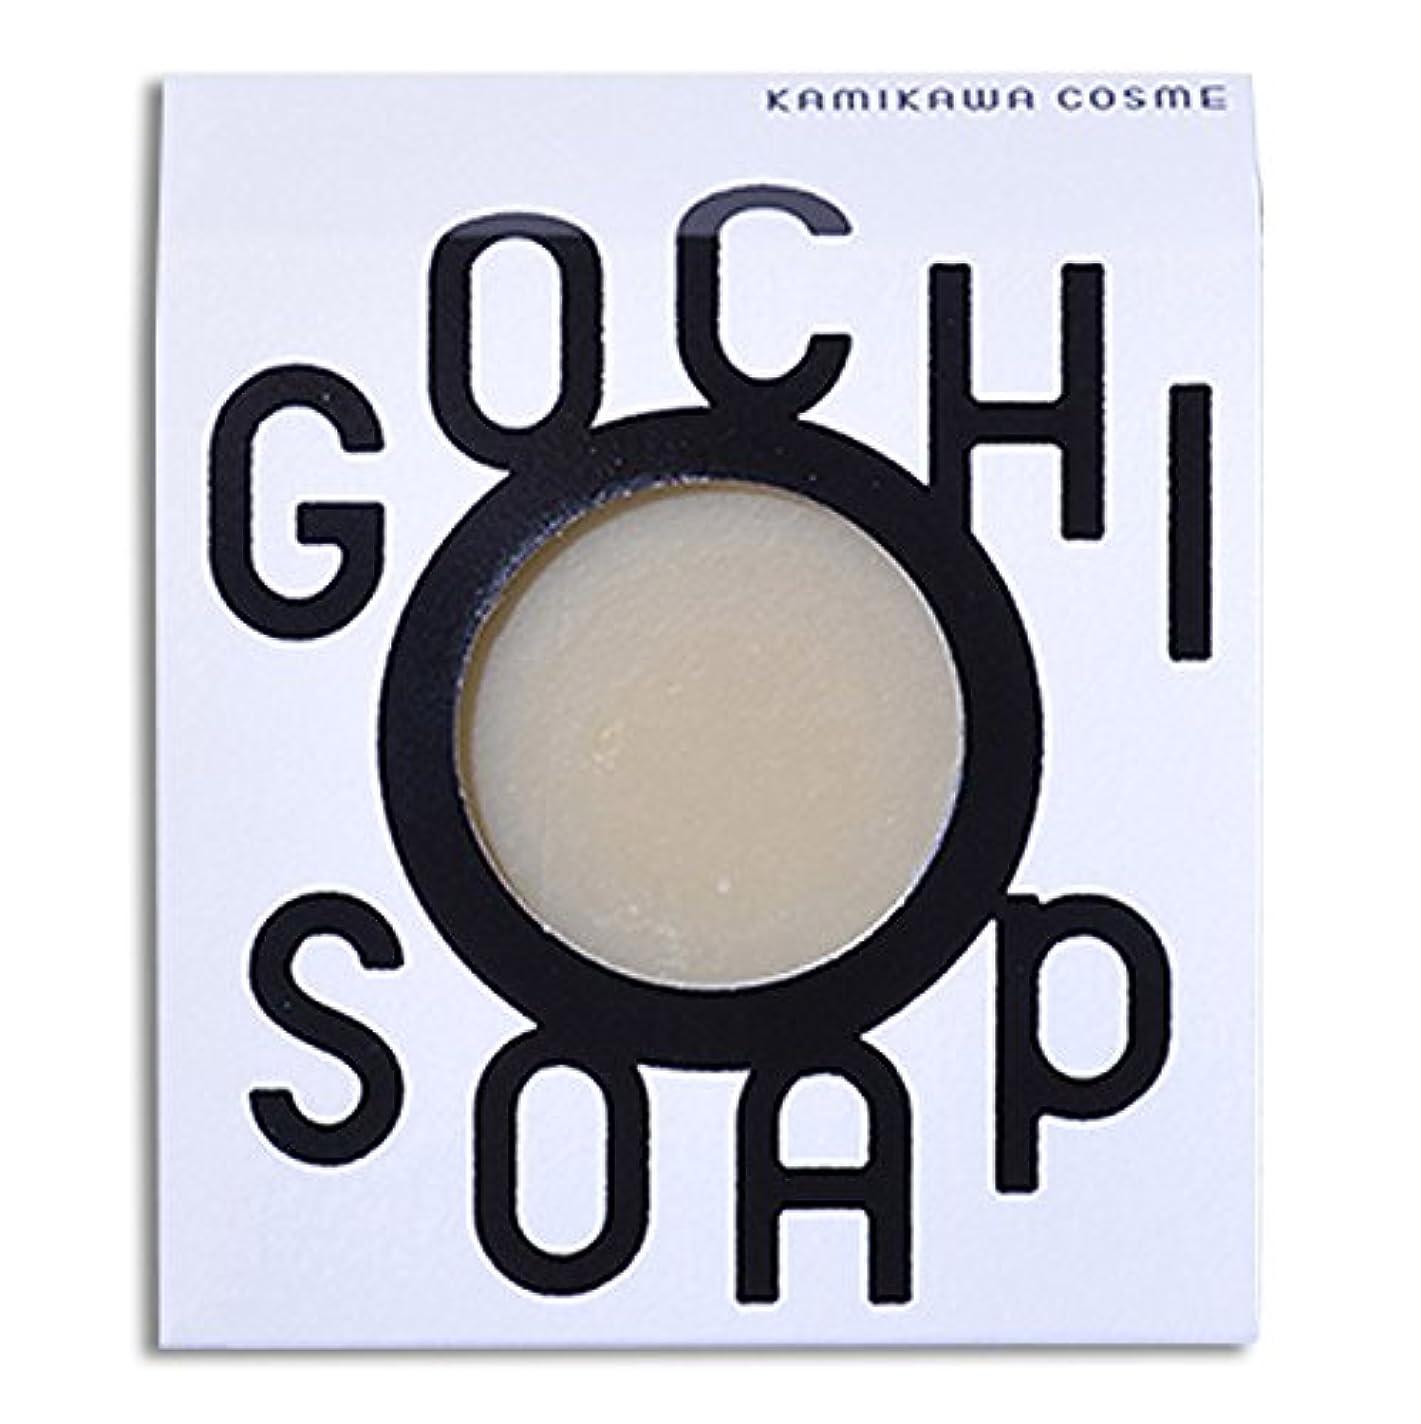 ワードローブ困惑するマガジン道北の素材を使用したコスメブランド GOCHI SOAP(伊勢ファームの牛乳ソープ?平田こうじ店の米糀ソープ)各1個セット